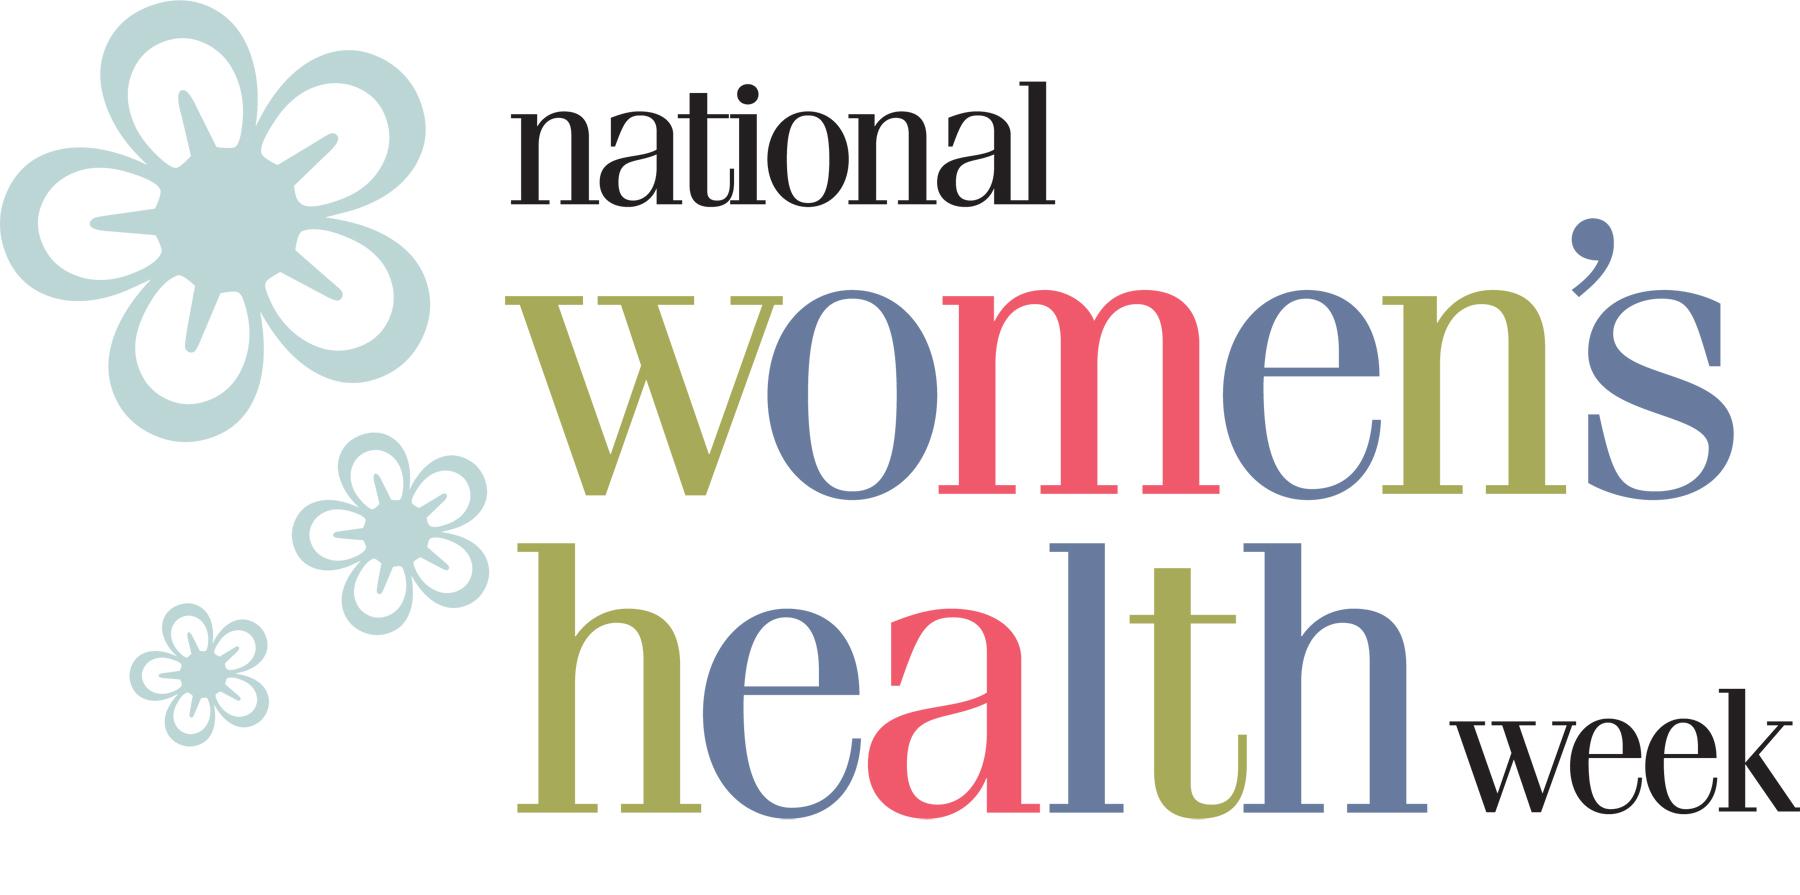 Let s celebrate women s health week